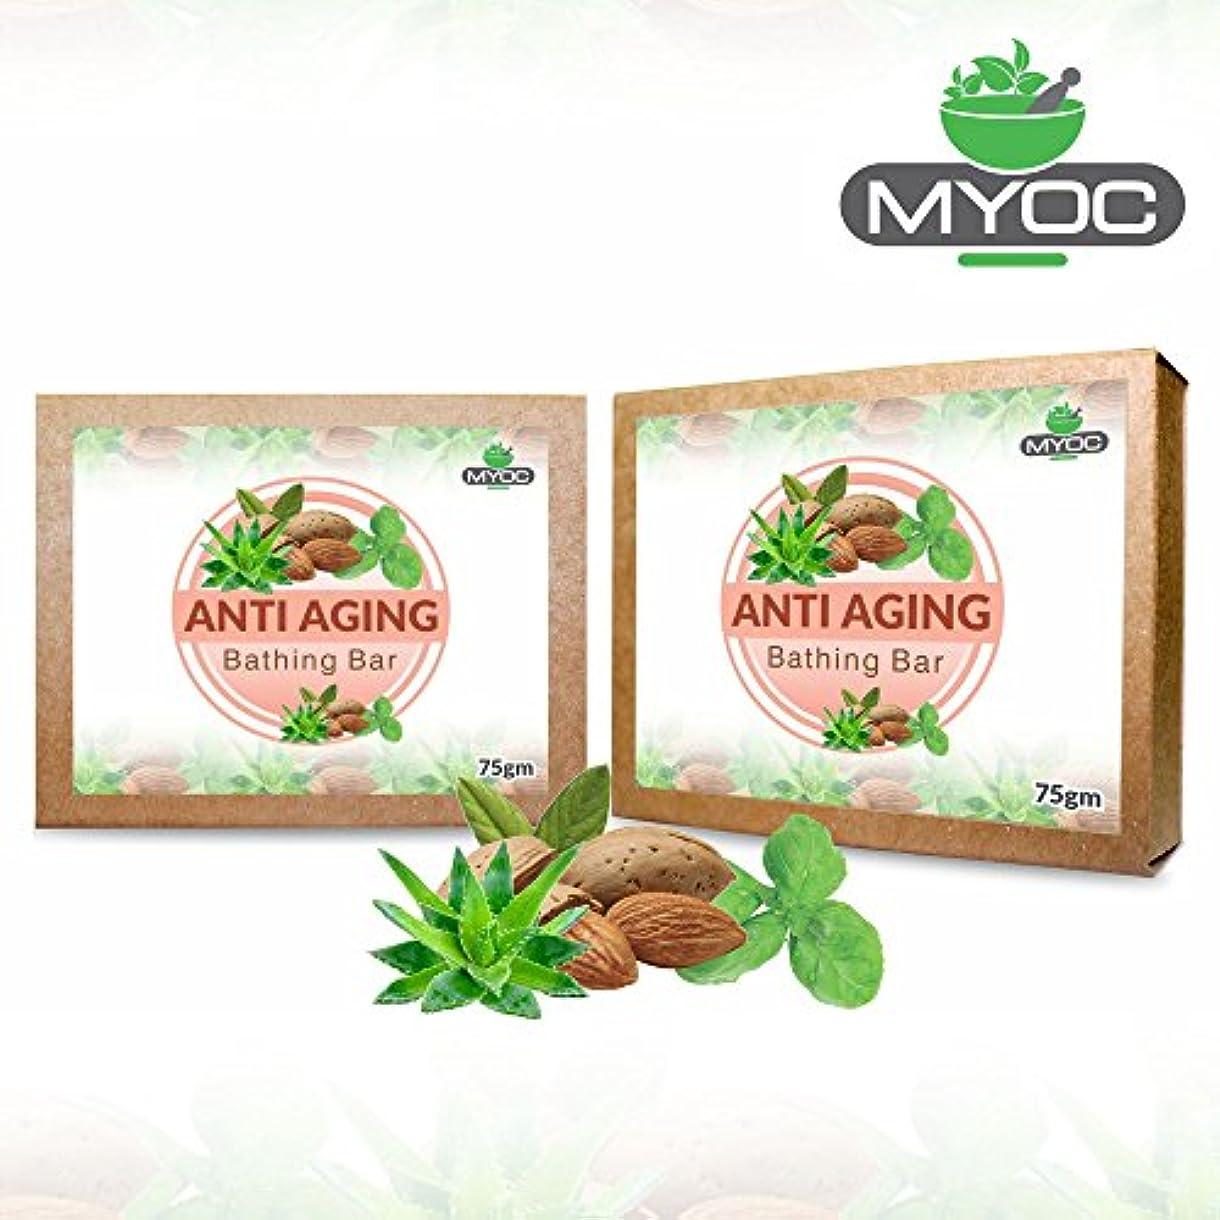 廃棄する等真実にAloe vera, Basil, Almond oil, Avocado oil, Eveneing Primrose, Vitamin E and Glycerine soap for glowing skin. Rejuvenates...